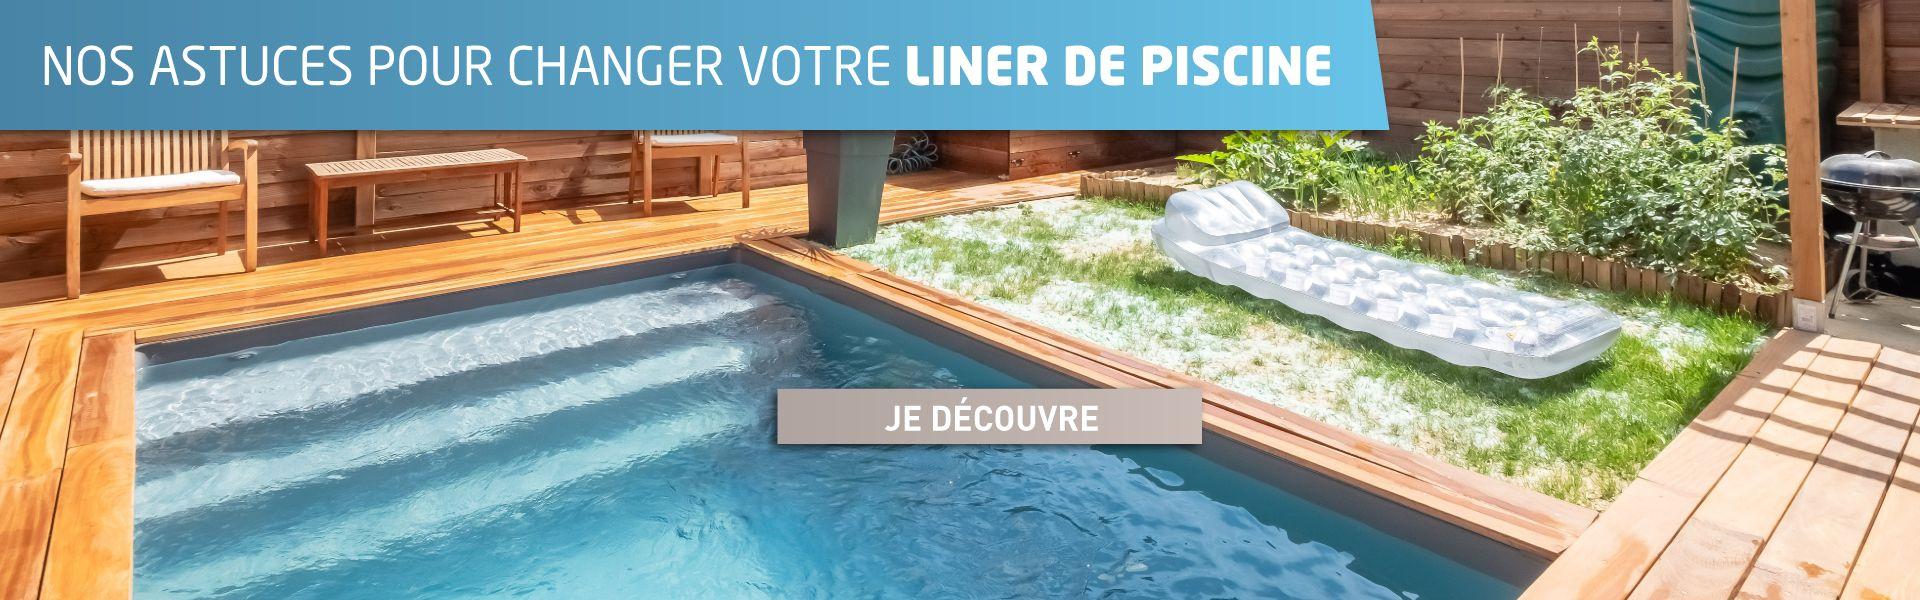 Cash Piscines - Tout Pour La Piscine & Spas Gonflables ... encequiconcerne Cash Piscine Avignon